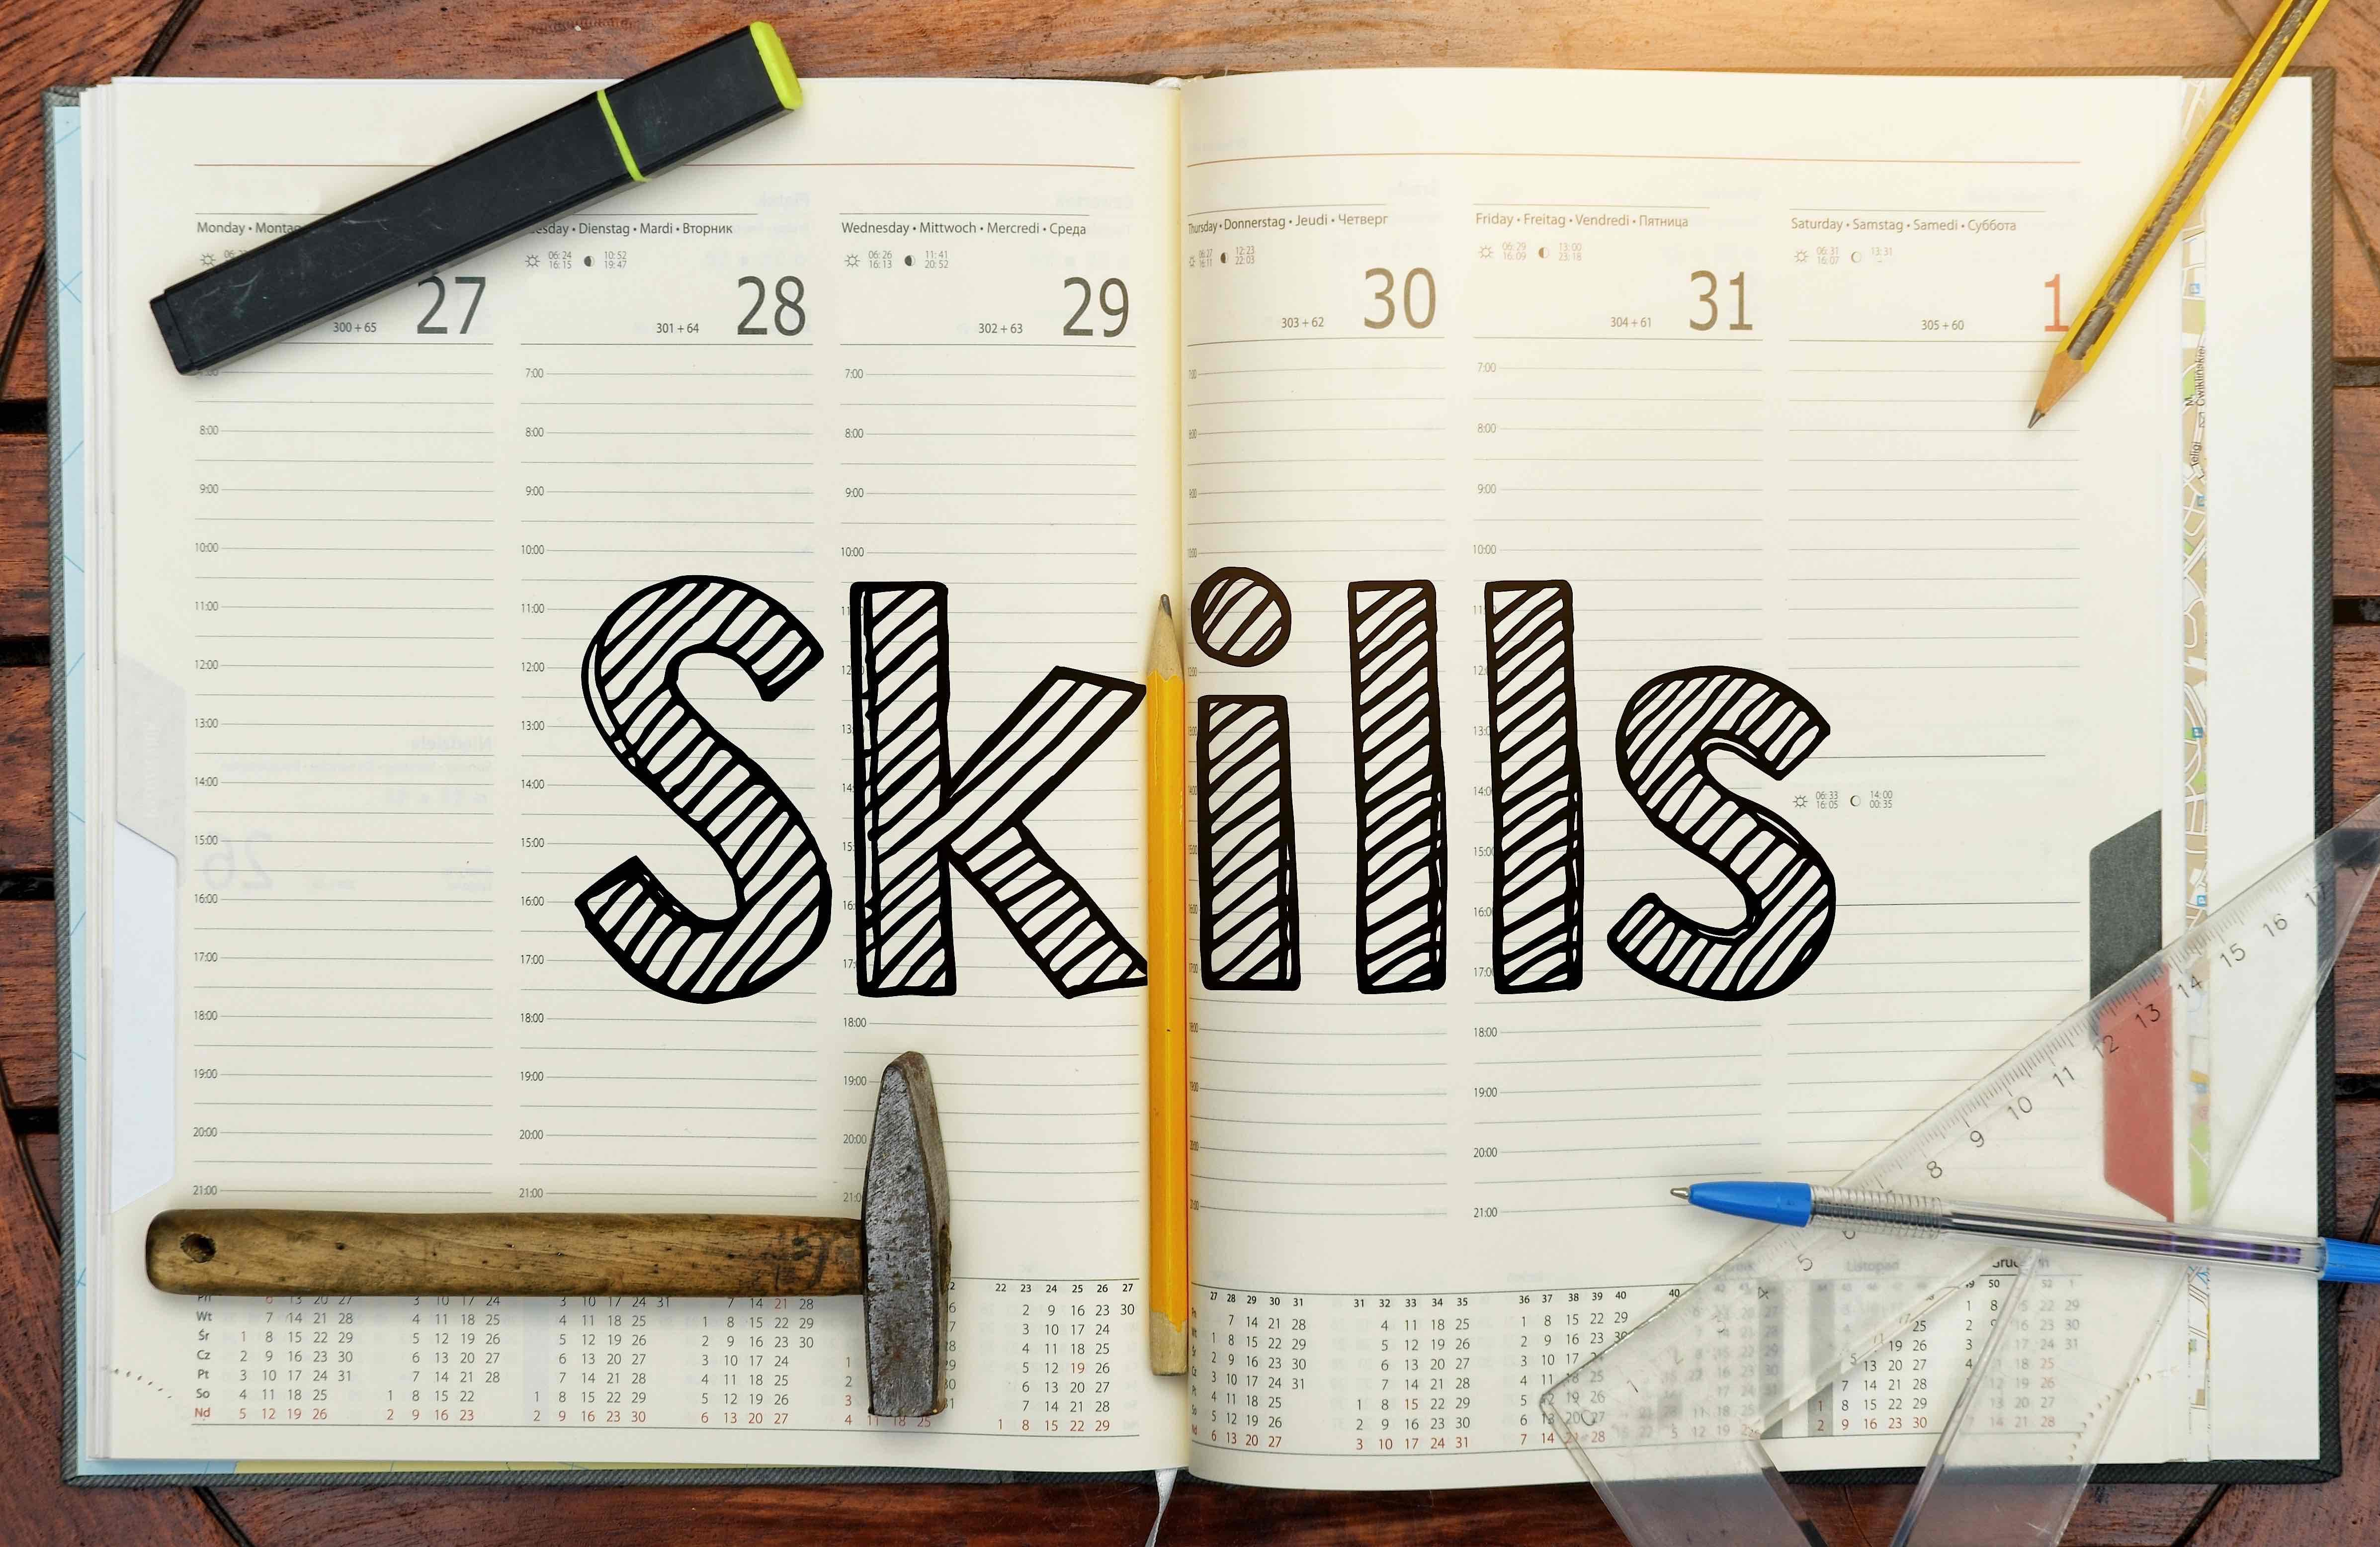 Employee skill set